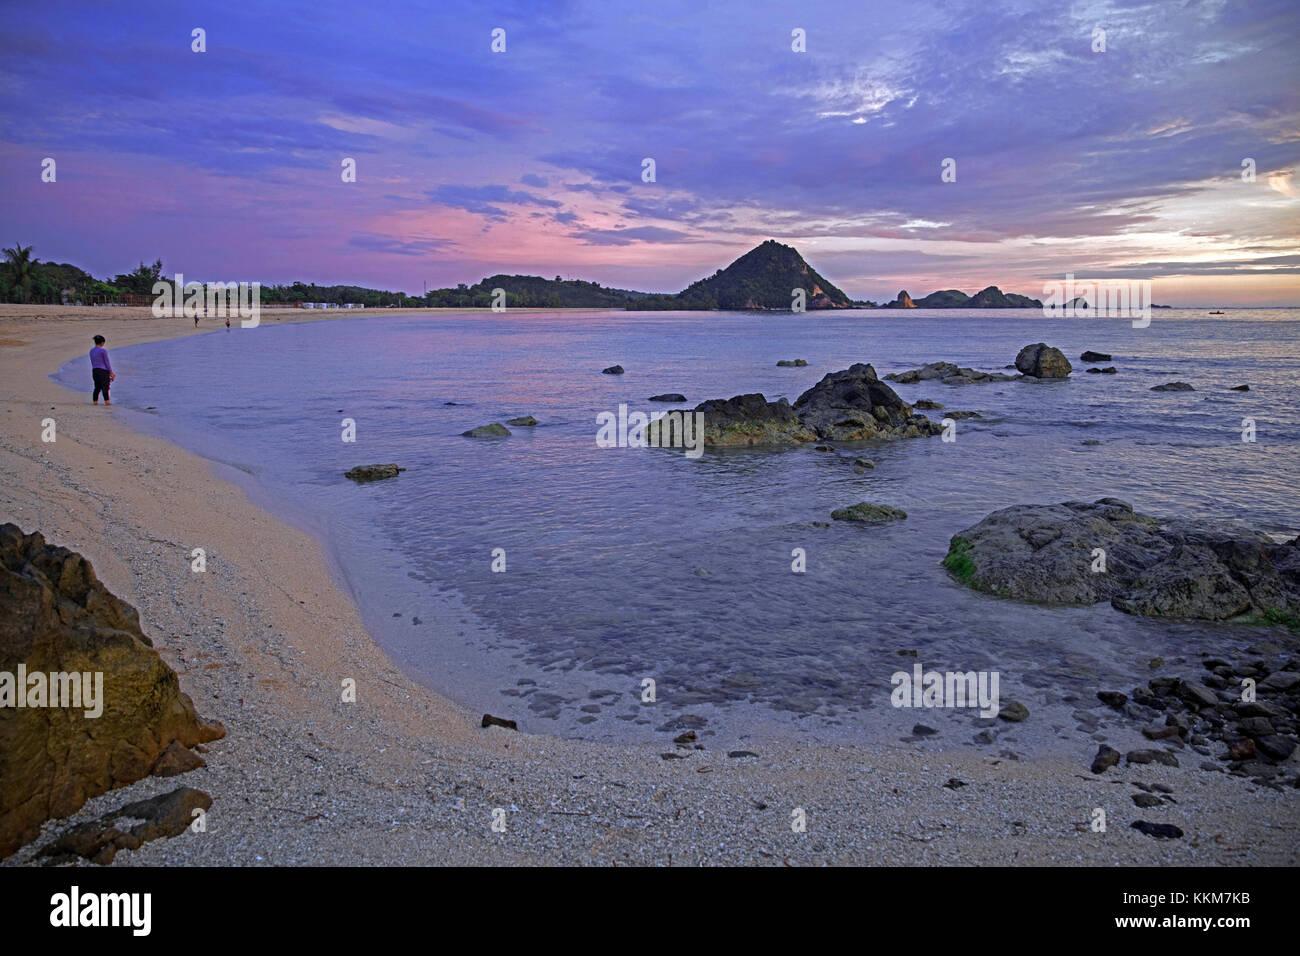 Les touristes sur la plage au coucher du soleil sur l'île de Lombok en Indonésie, îles de la Photo Stock